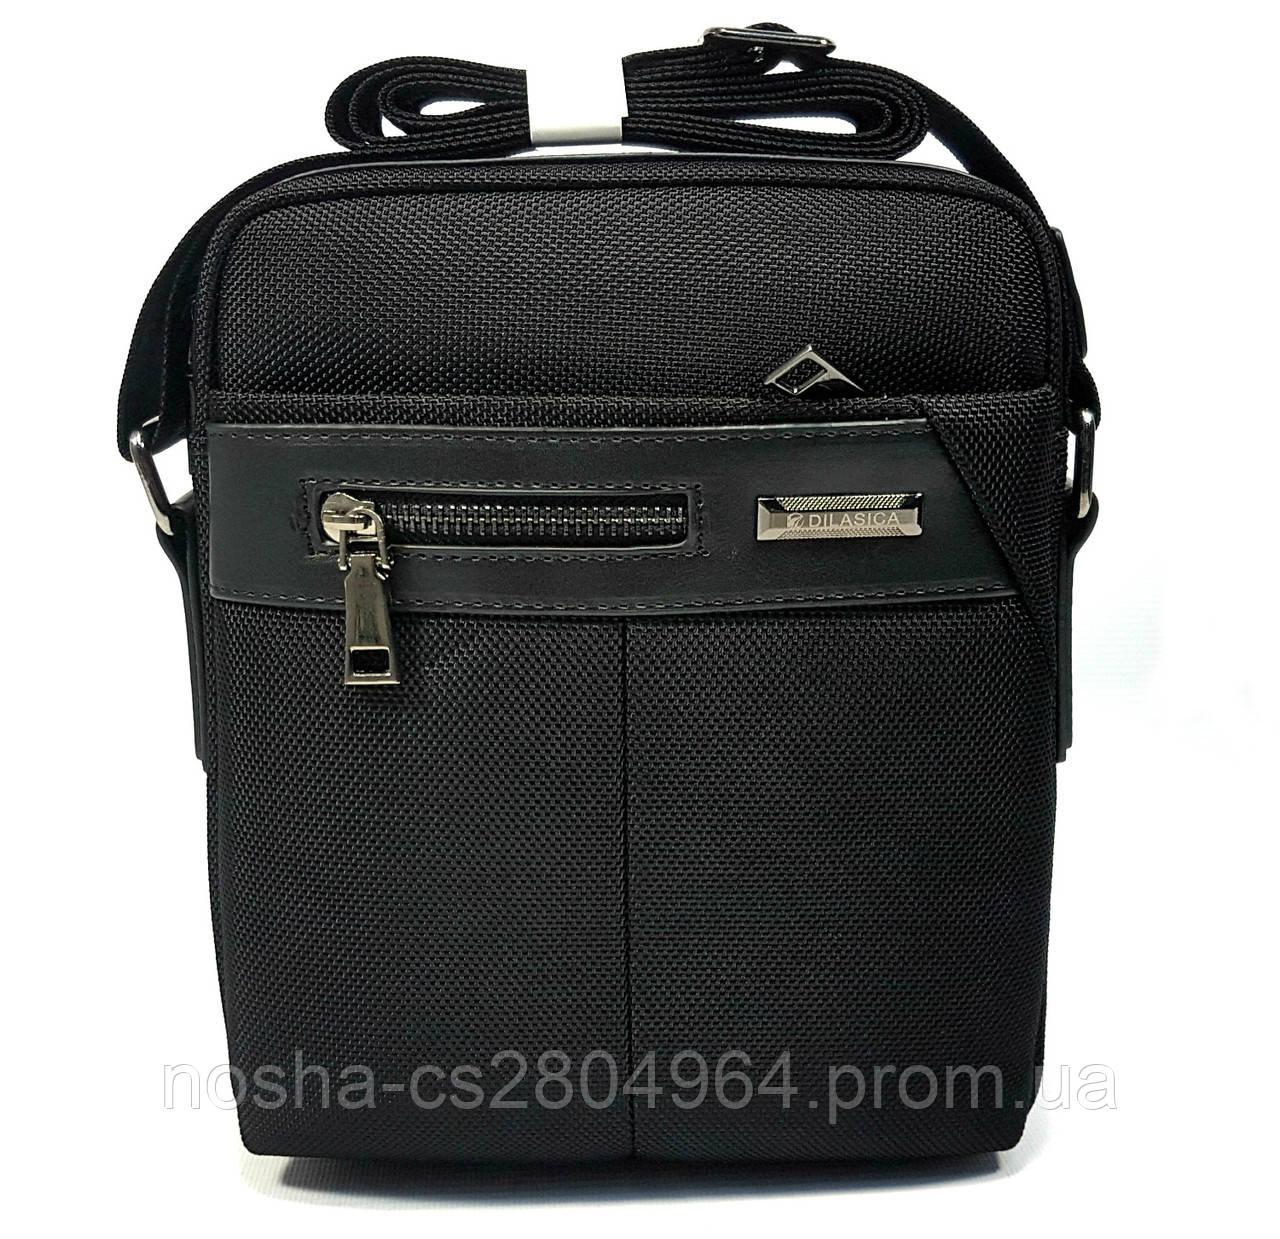 0b46b16bb131 Мужская сумка-планшет Dilasica - Интернет-магазин для всей семьи в Харькове